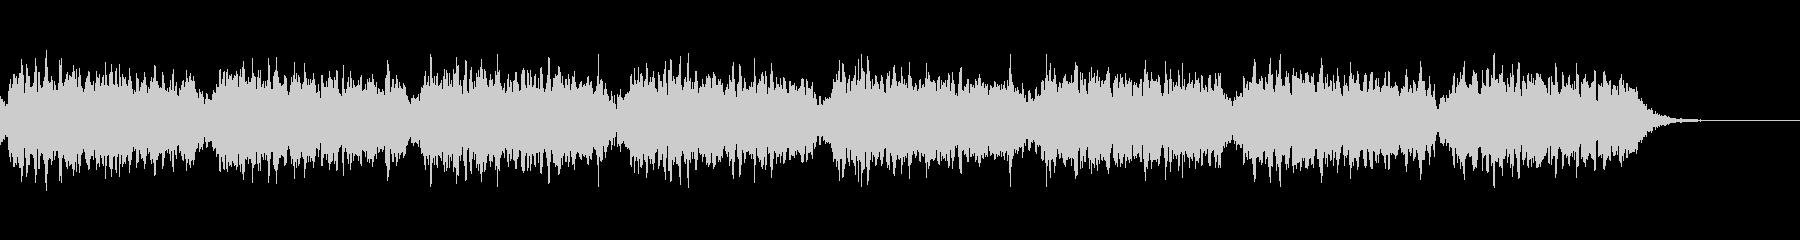 幻想的ヒーリングミュージックの未再生の波形